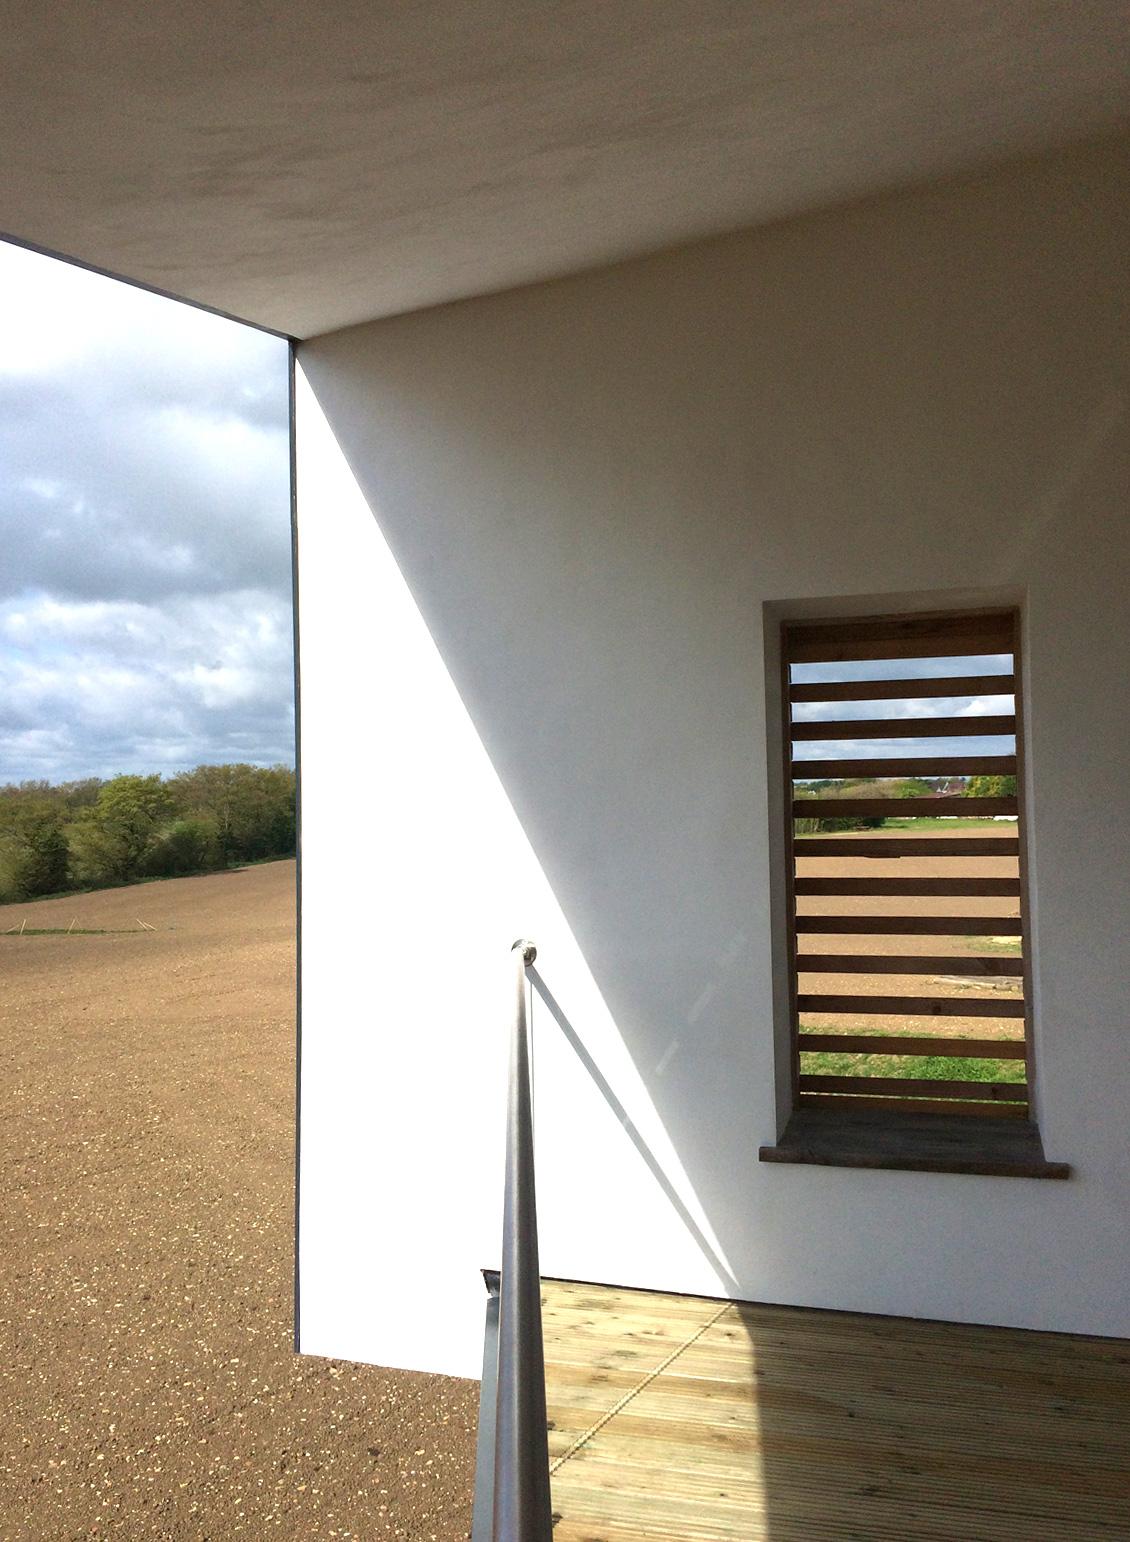 View-looking-through-window.jpg